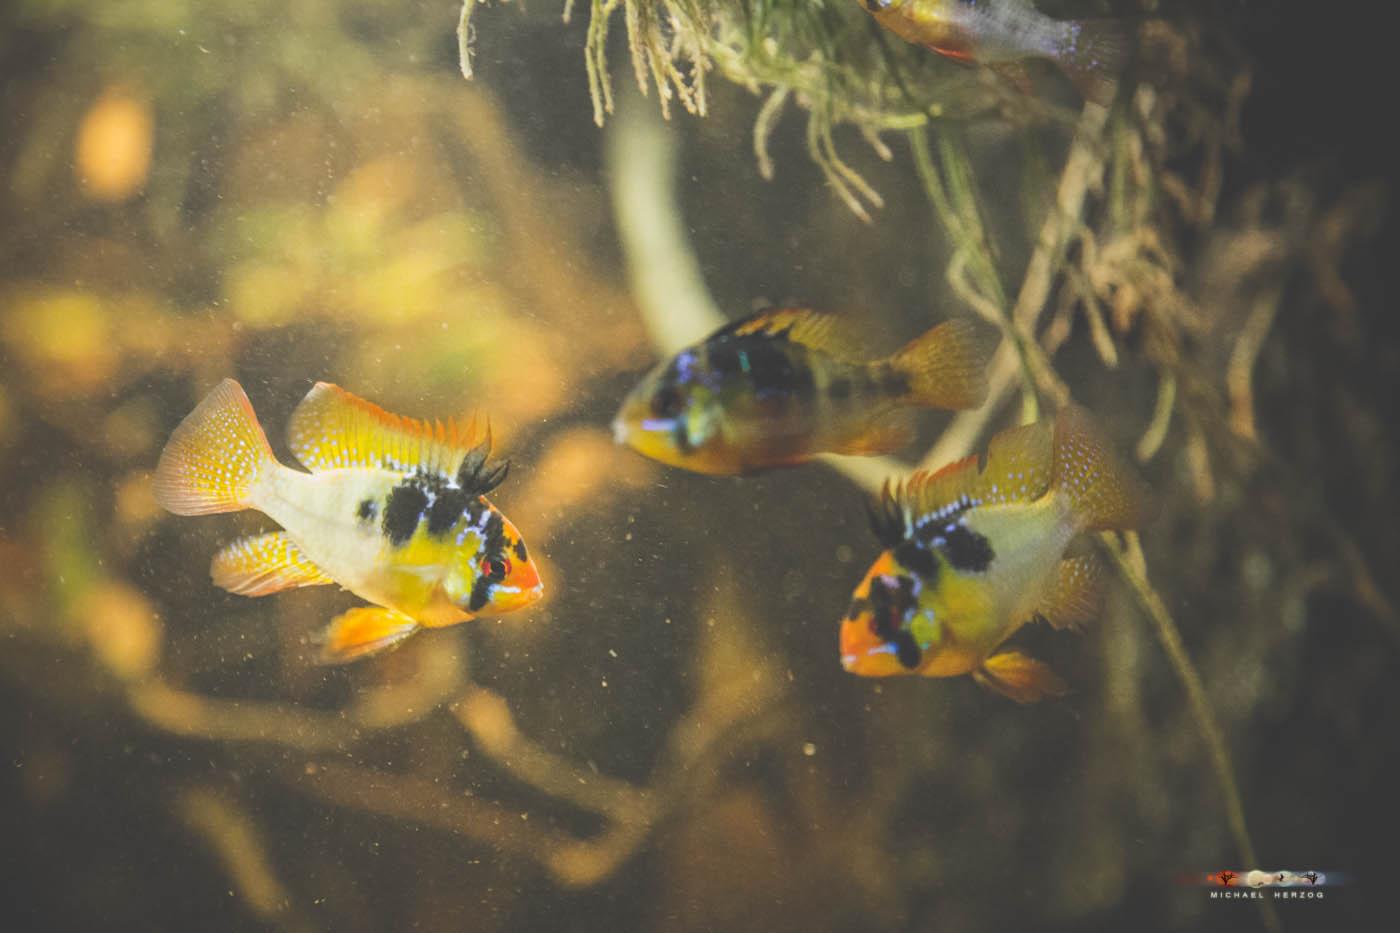 Aquarium_MichaelHerzog-5227.jpg